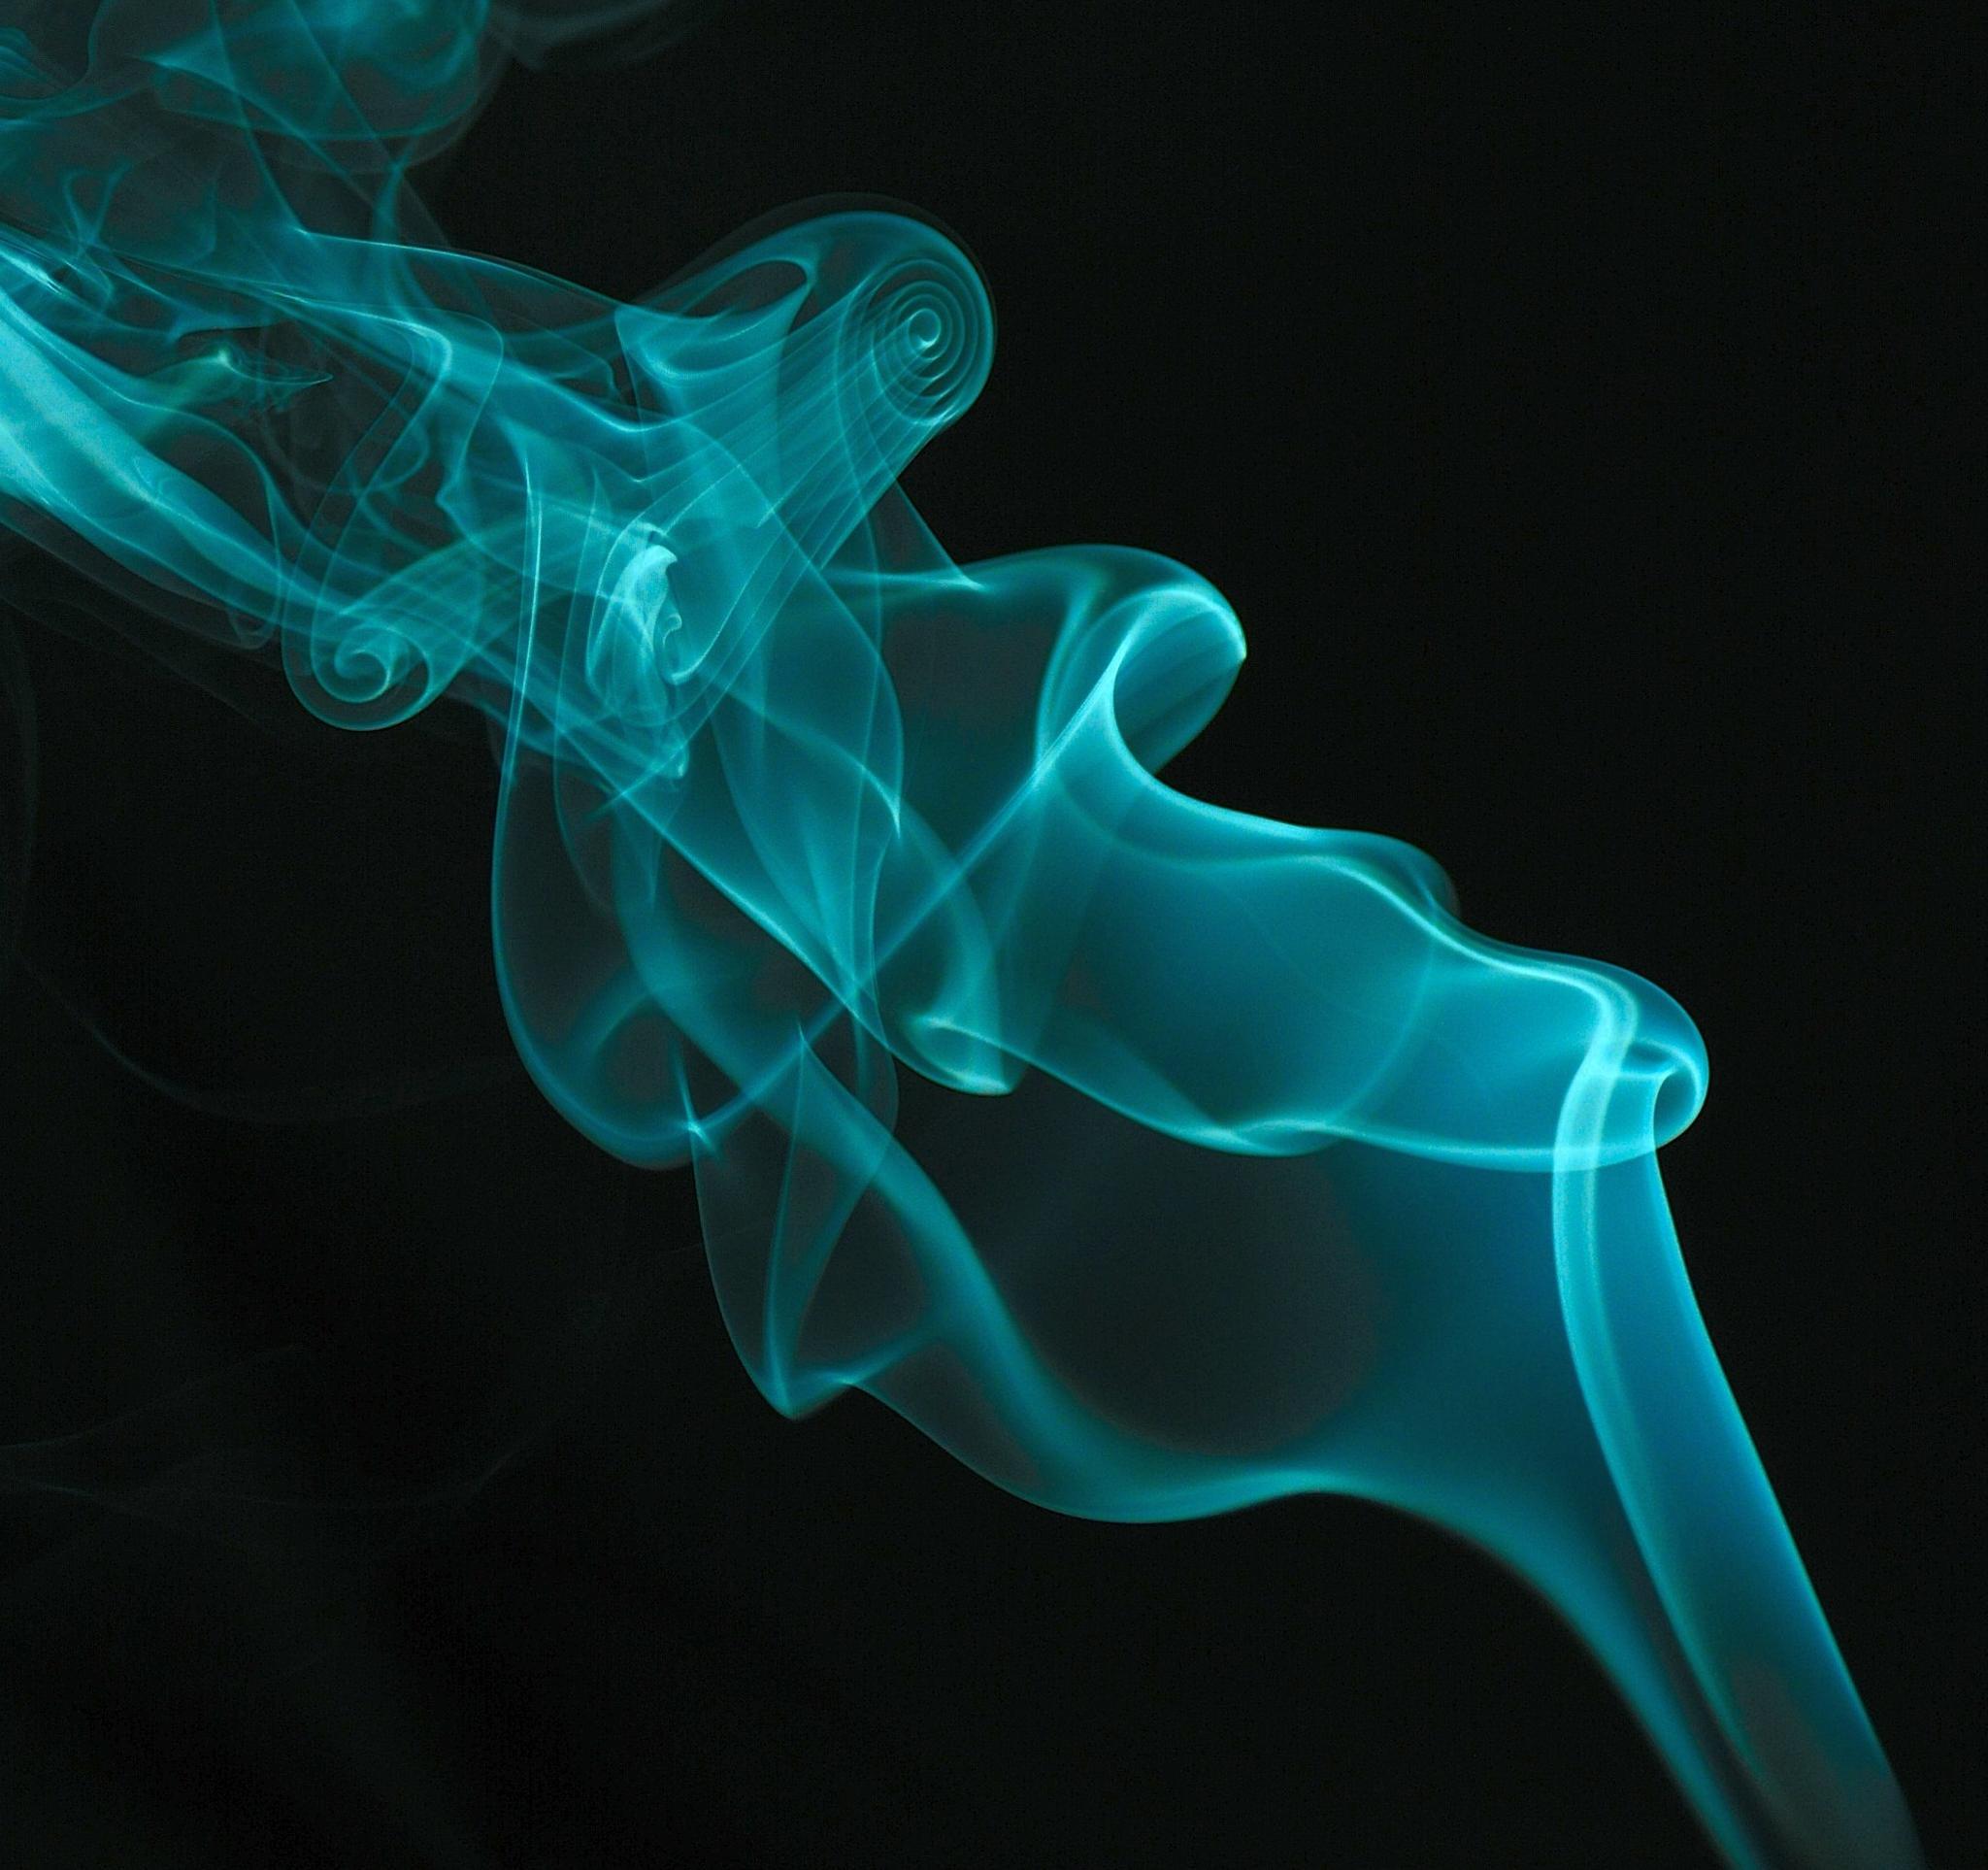 DANCE SMOKE II by osmario.ozzy